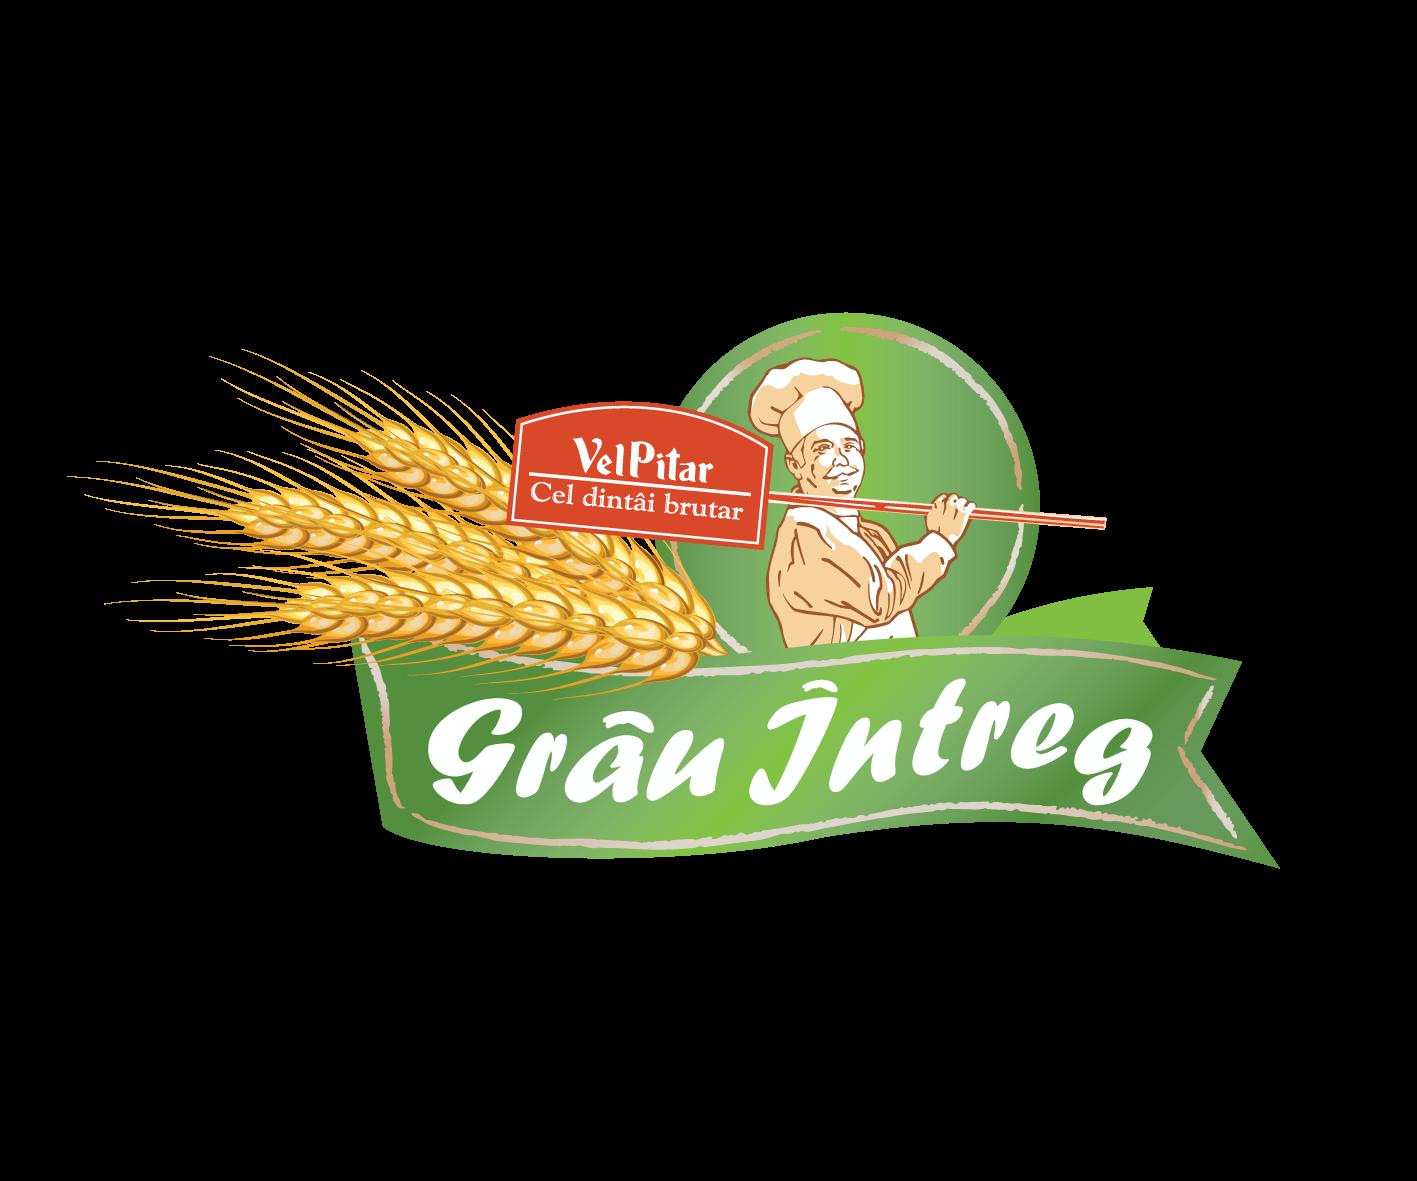 Logo Grau Intreg